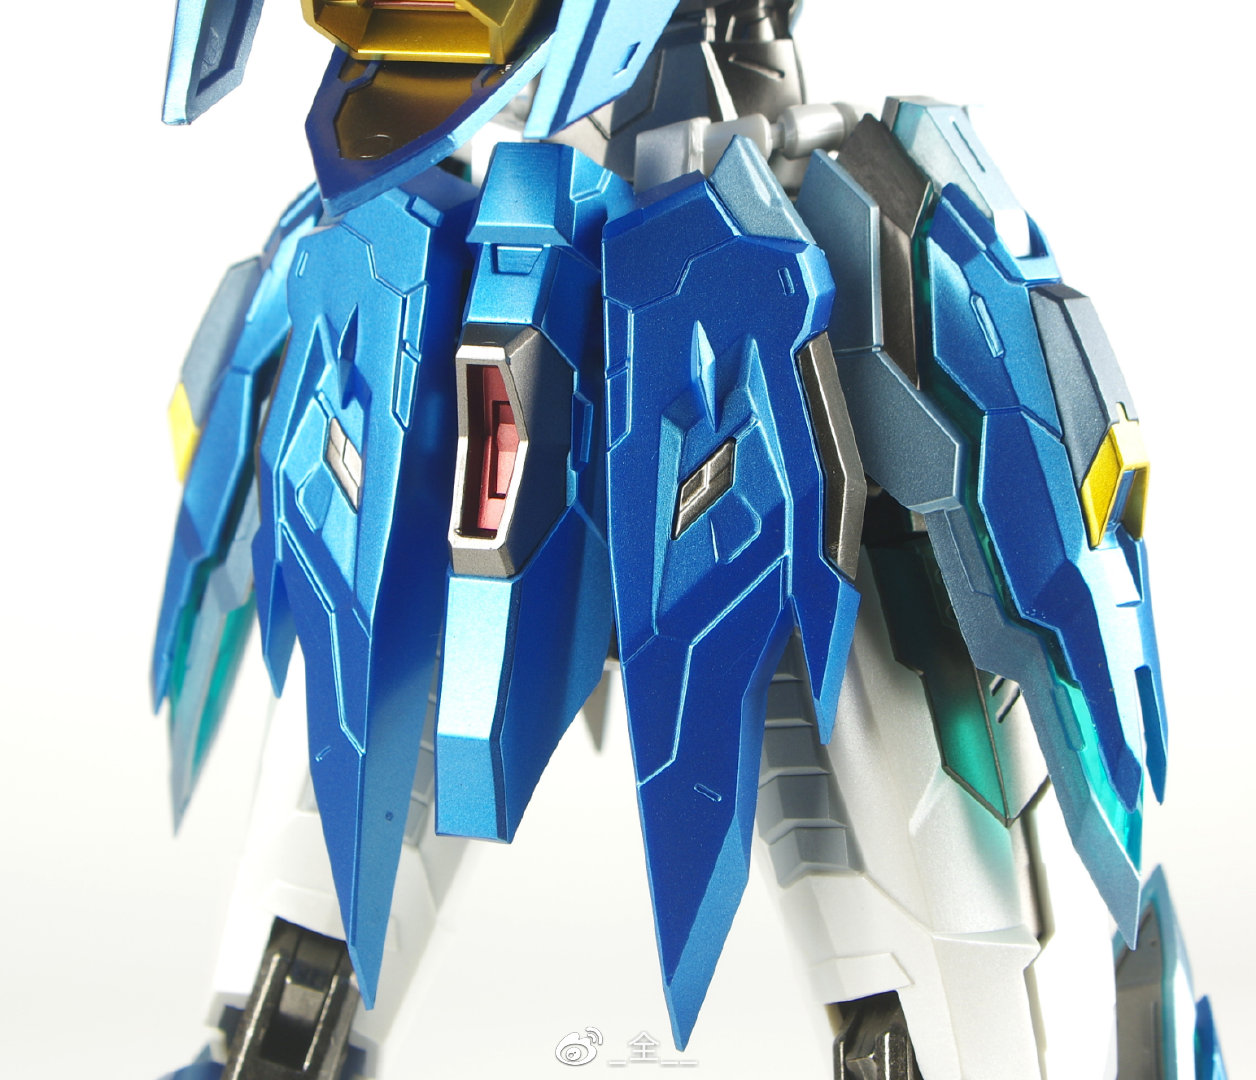 S470_MOTOR_NUCLEAR_MN_Q03_blue_gragon_ao_bing_di_hui_xing_han_long_zi_044.jpg